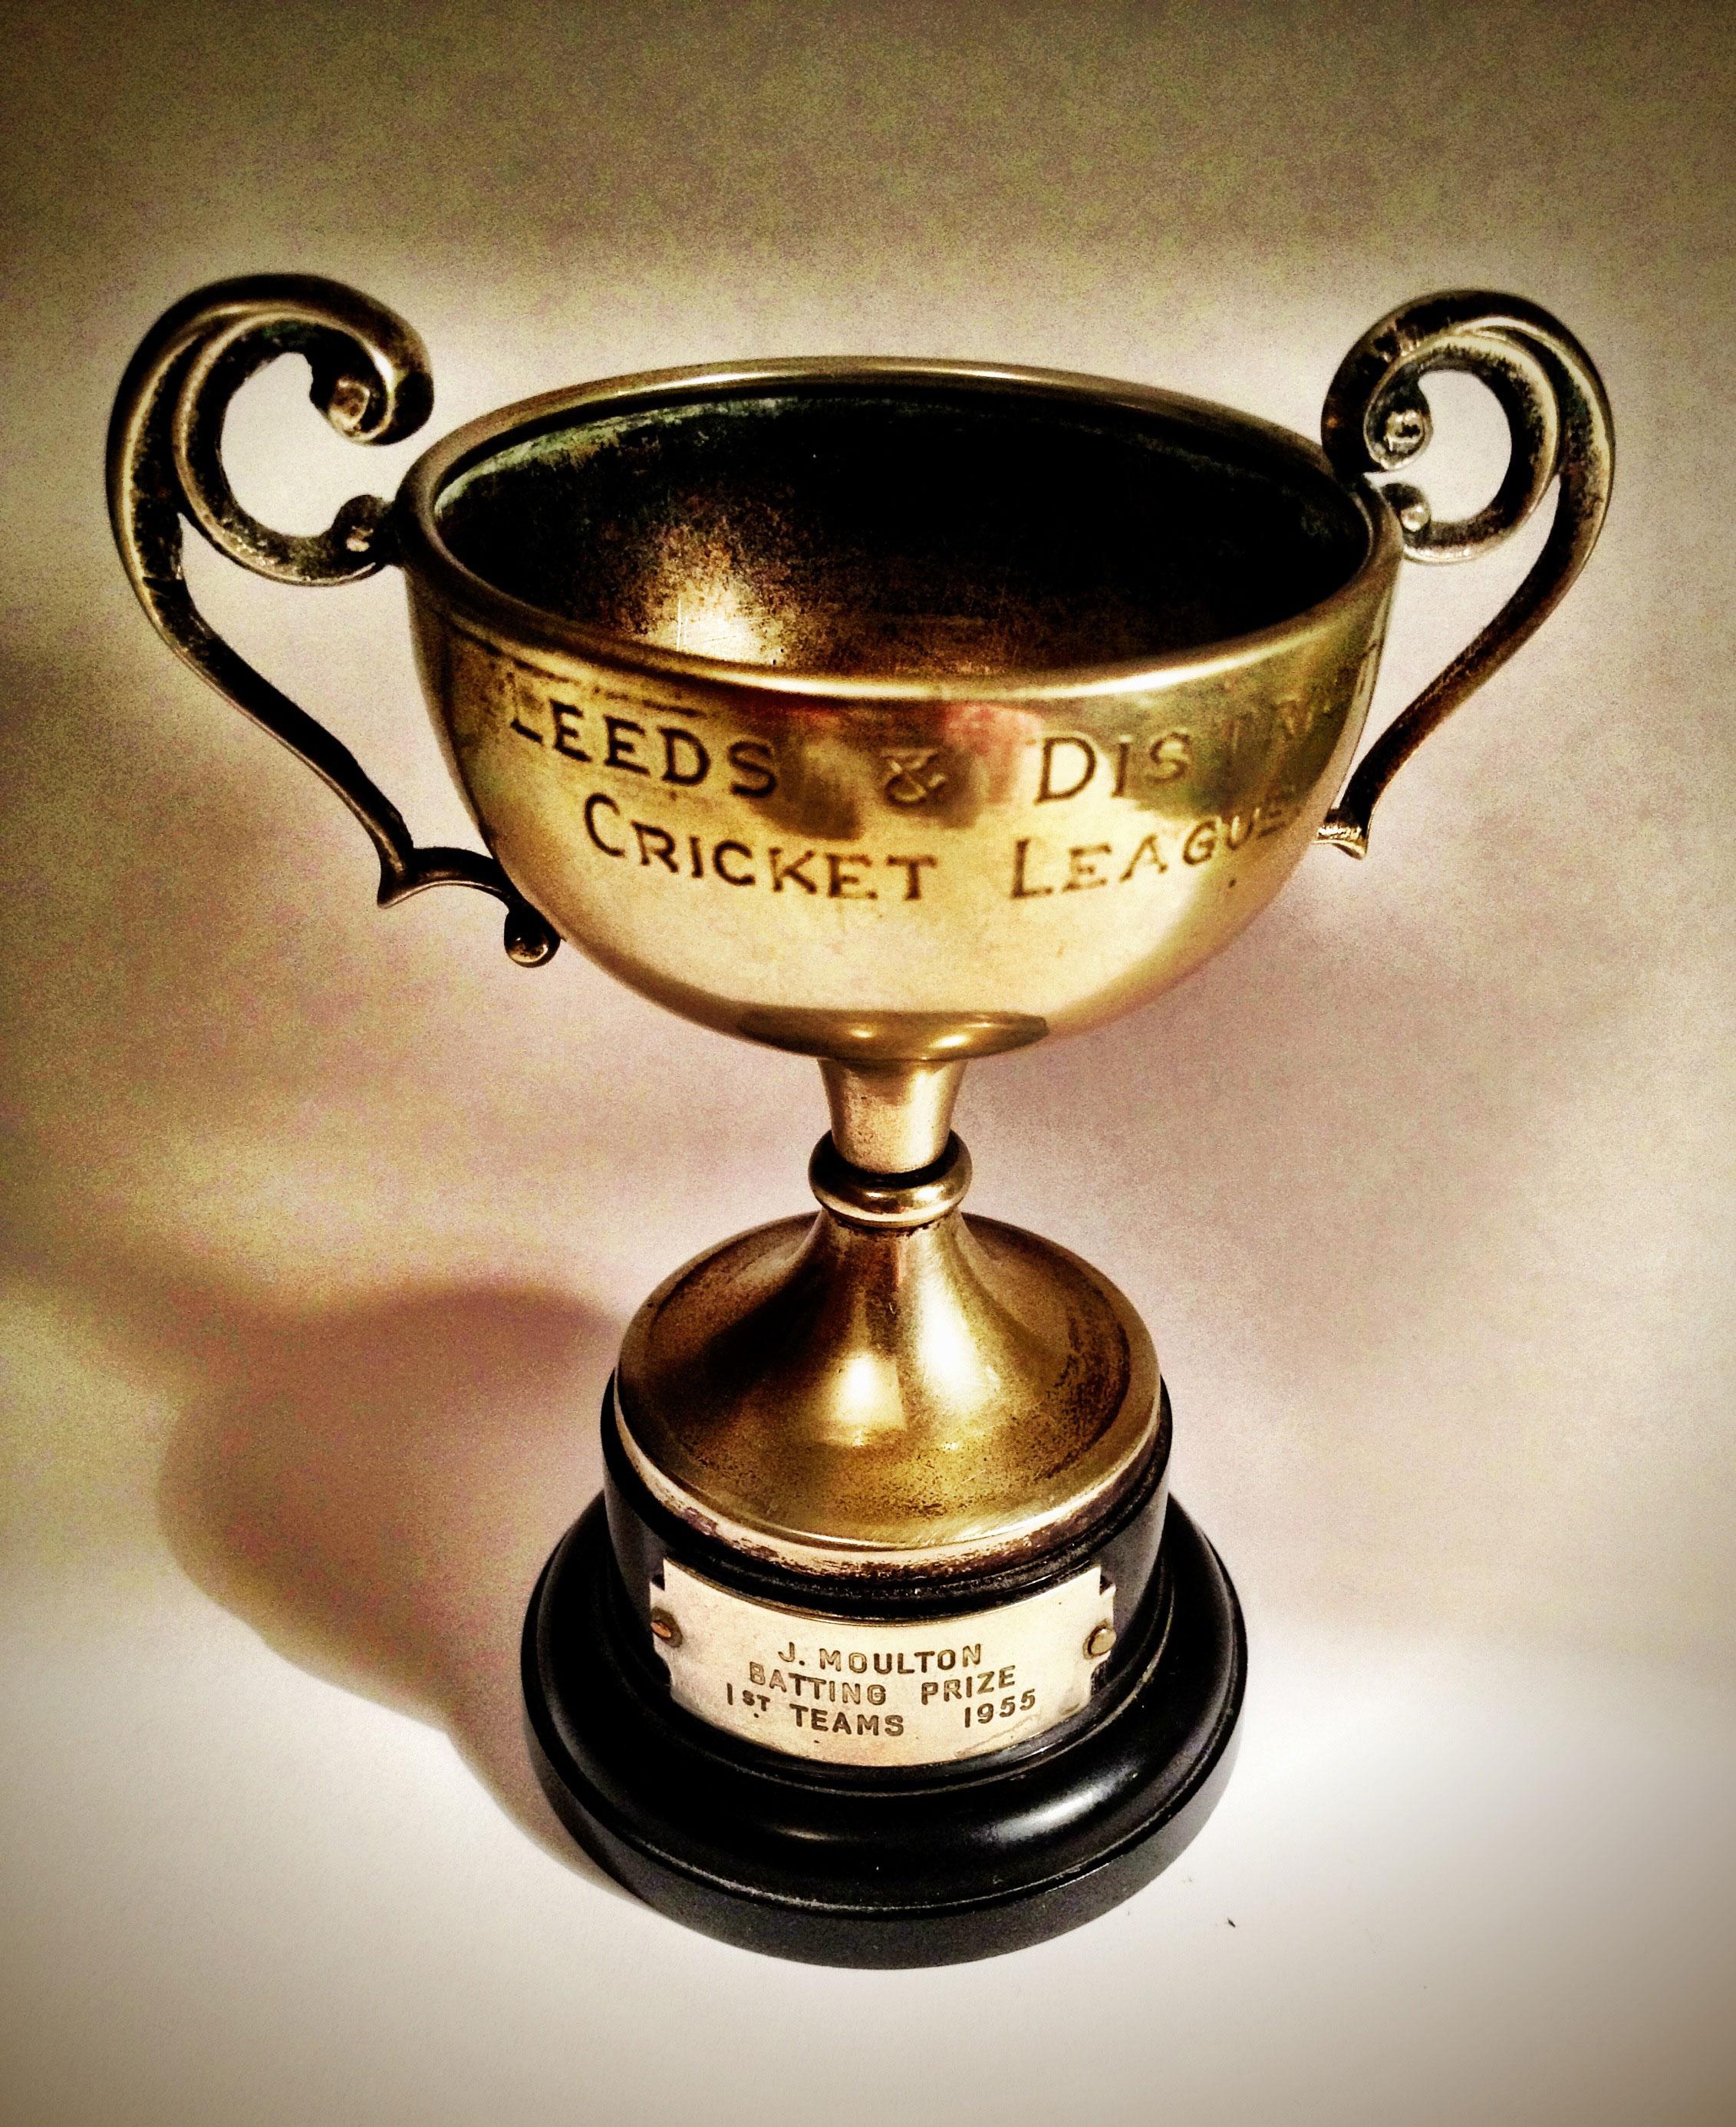 L. & D.C.L. batting Prize 1955